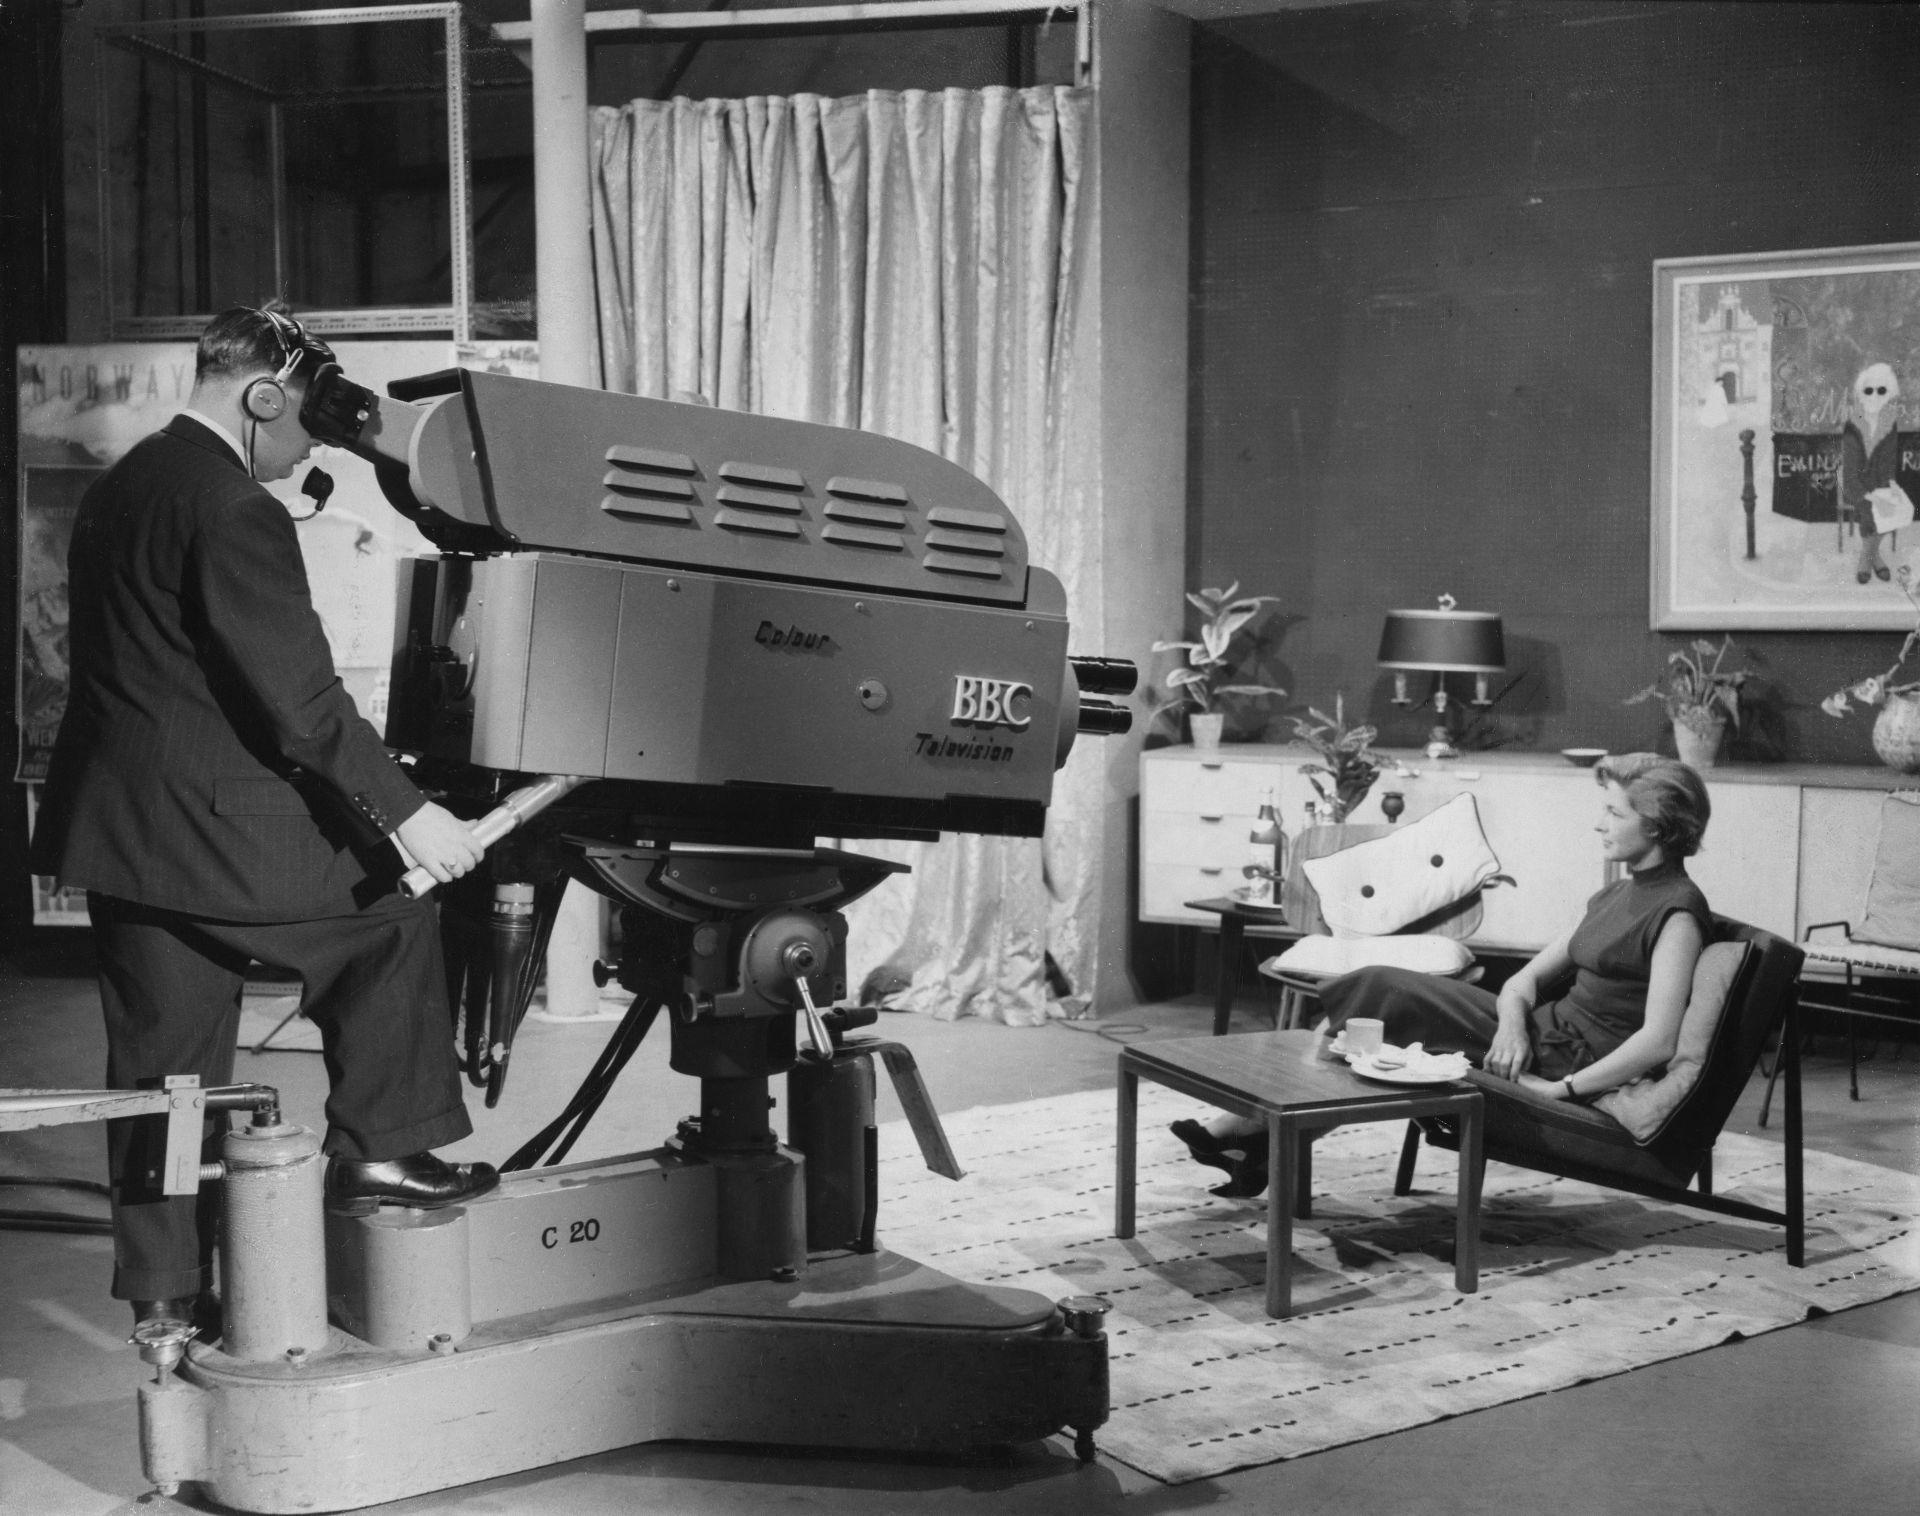 Директорът на BBC в Алексндра Палас позира пред първата цветна камера на телевизията